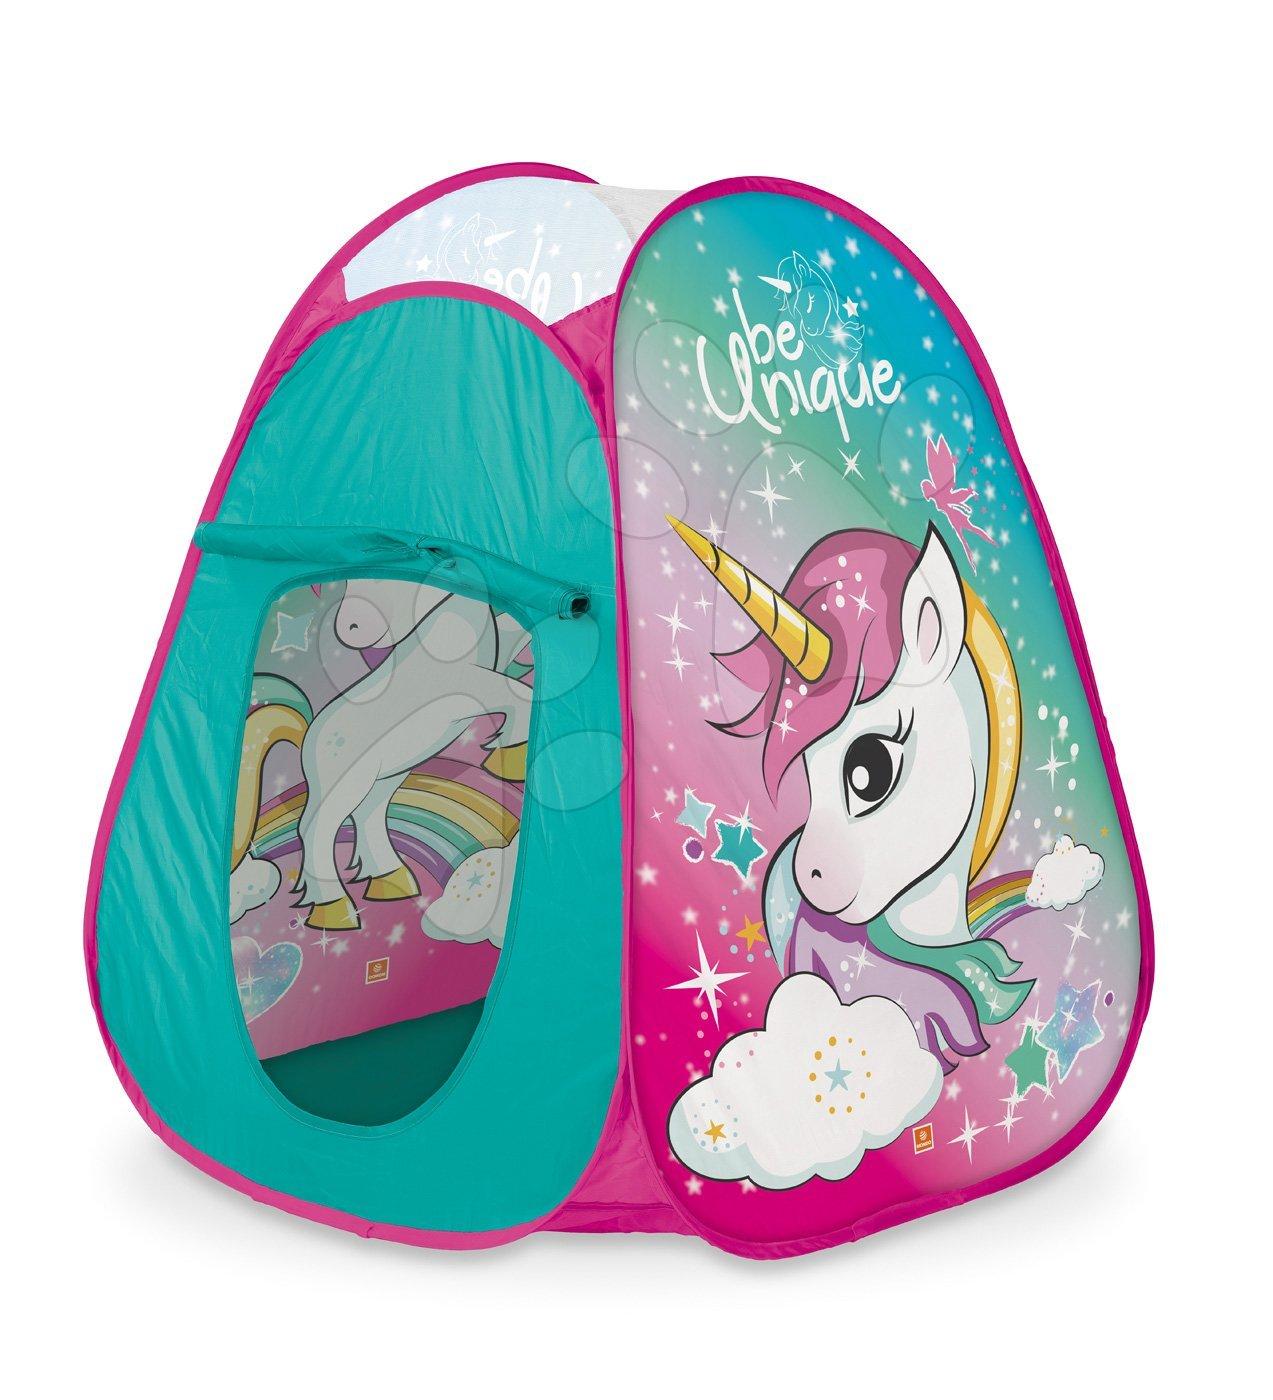 Mondo stan pre deti Jednorožec Unicorn Pop Up s taškou tyrkysový 28520